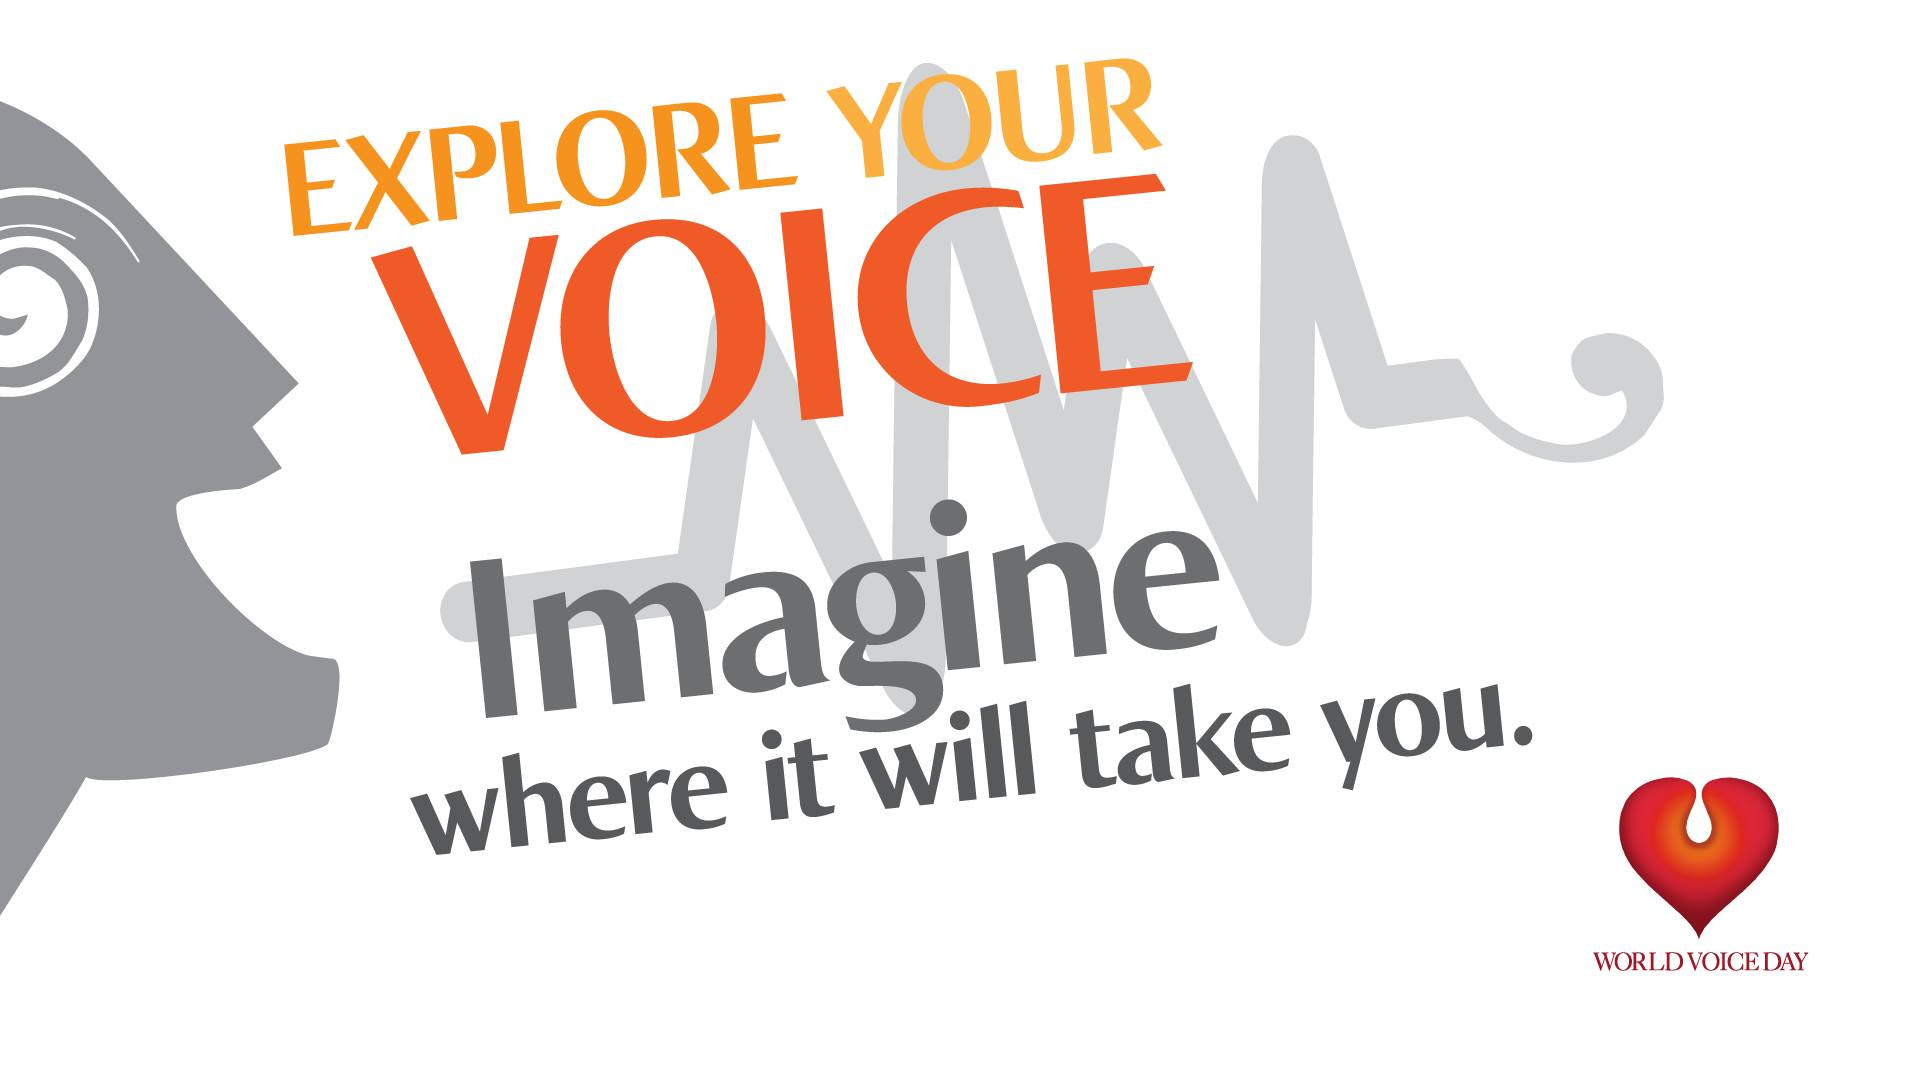 World Voice Day 2016